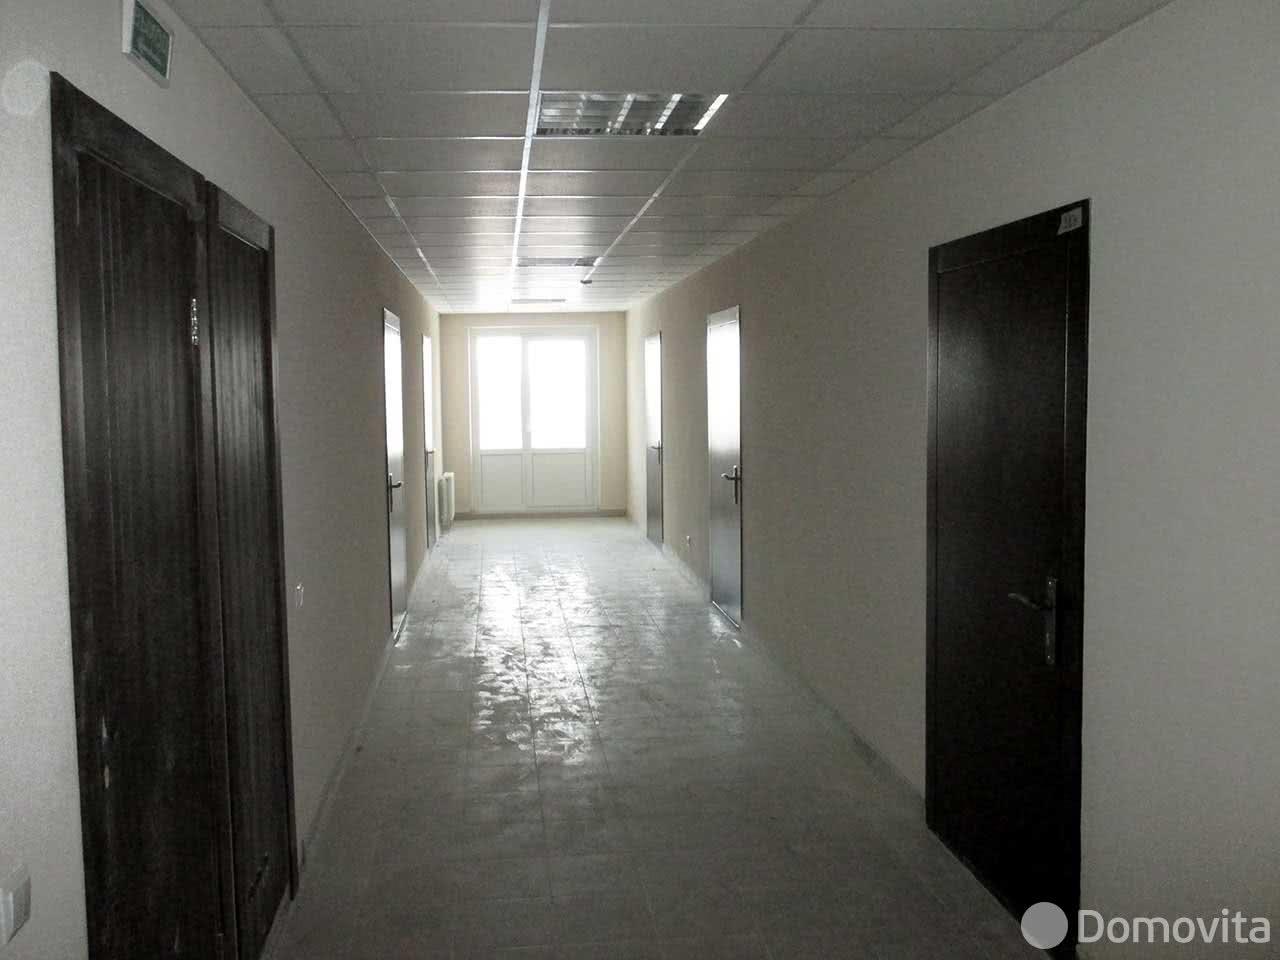 Бизнес-центр Каменногорский - фото 6